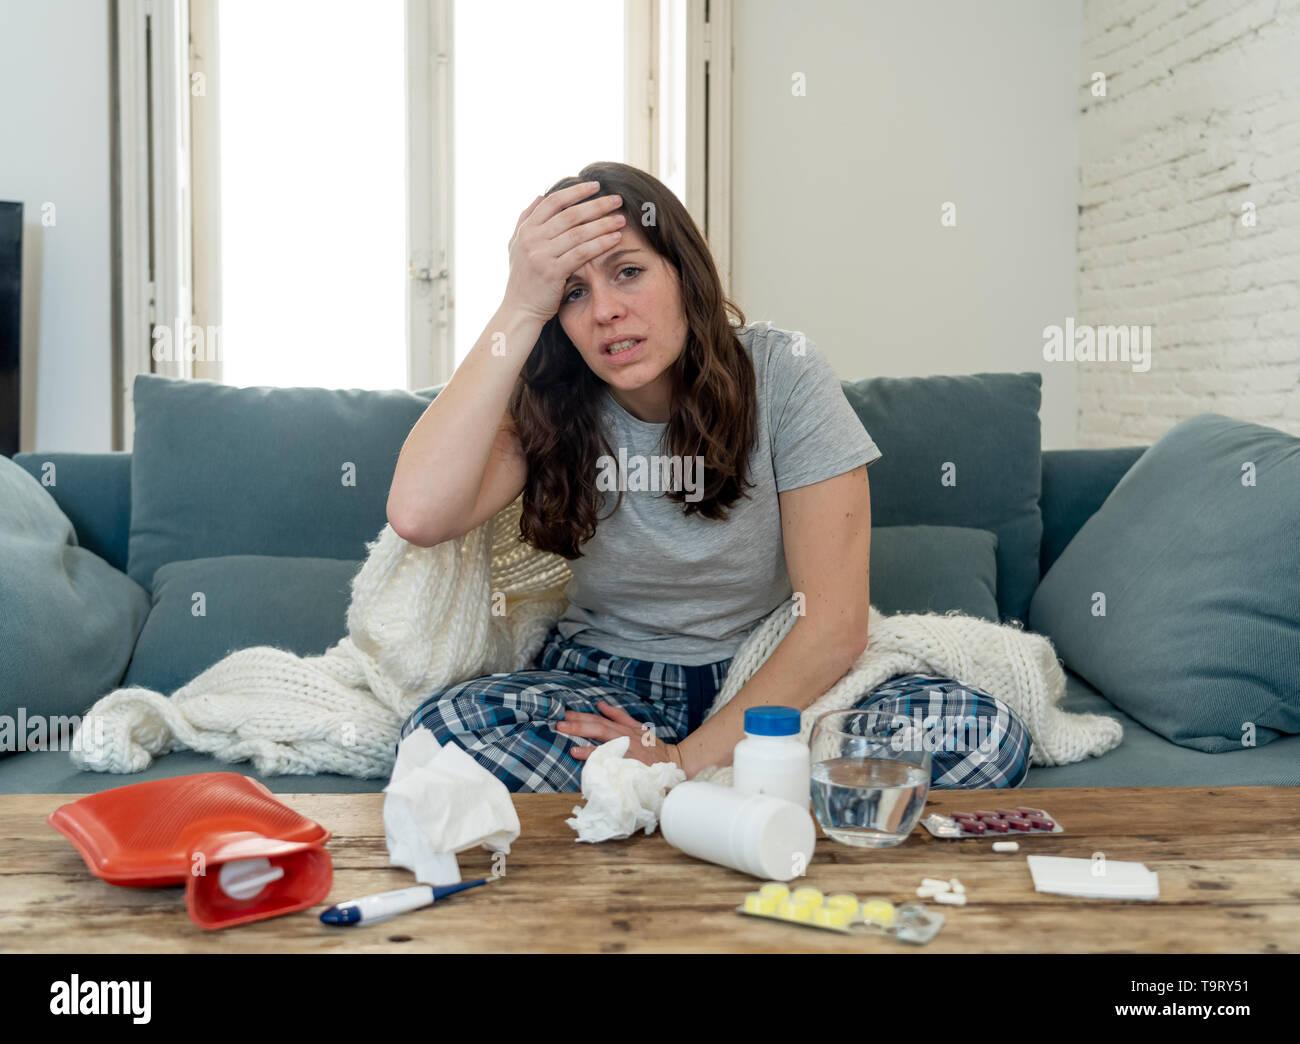 Traitement De La Migraine Photos & Traitement De La Migraine Images ...